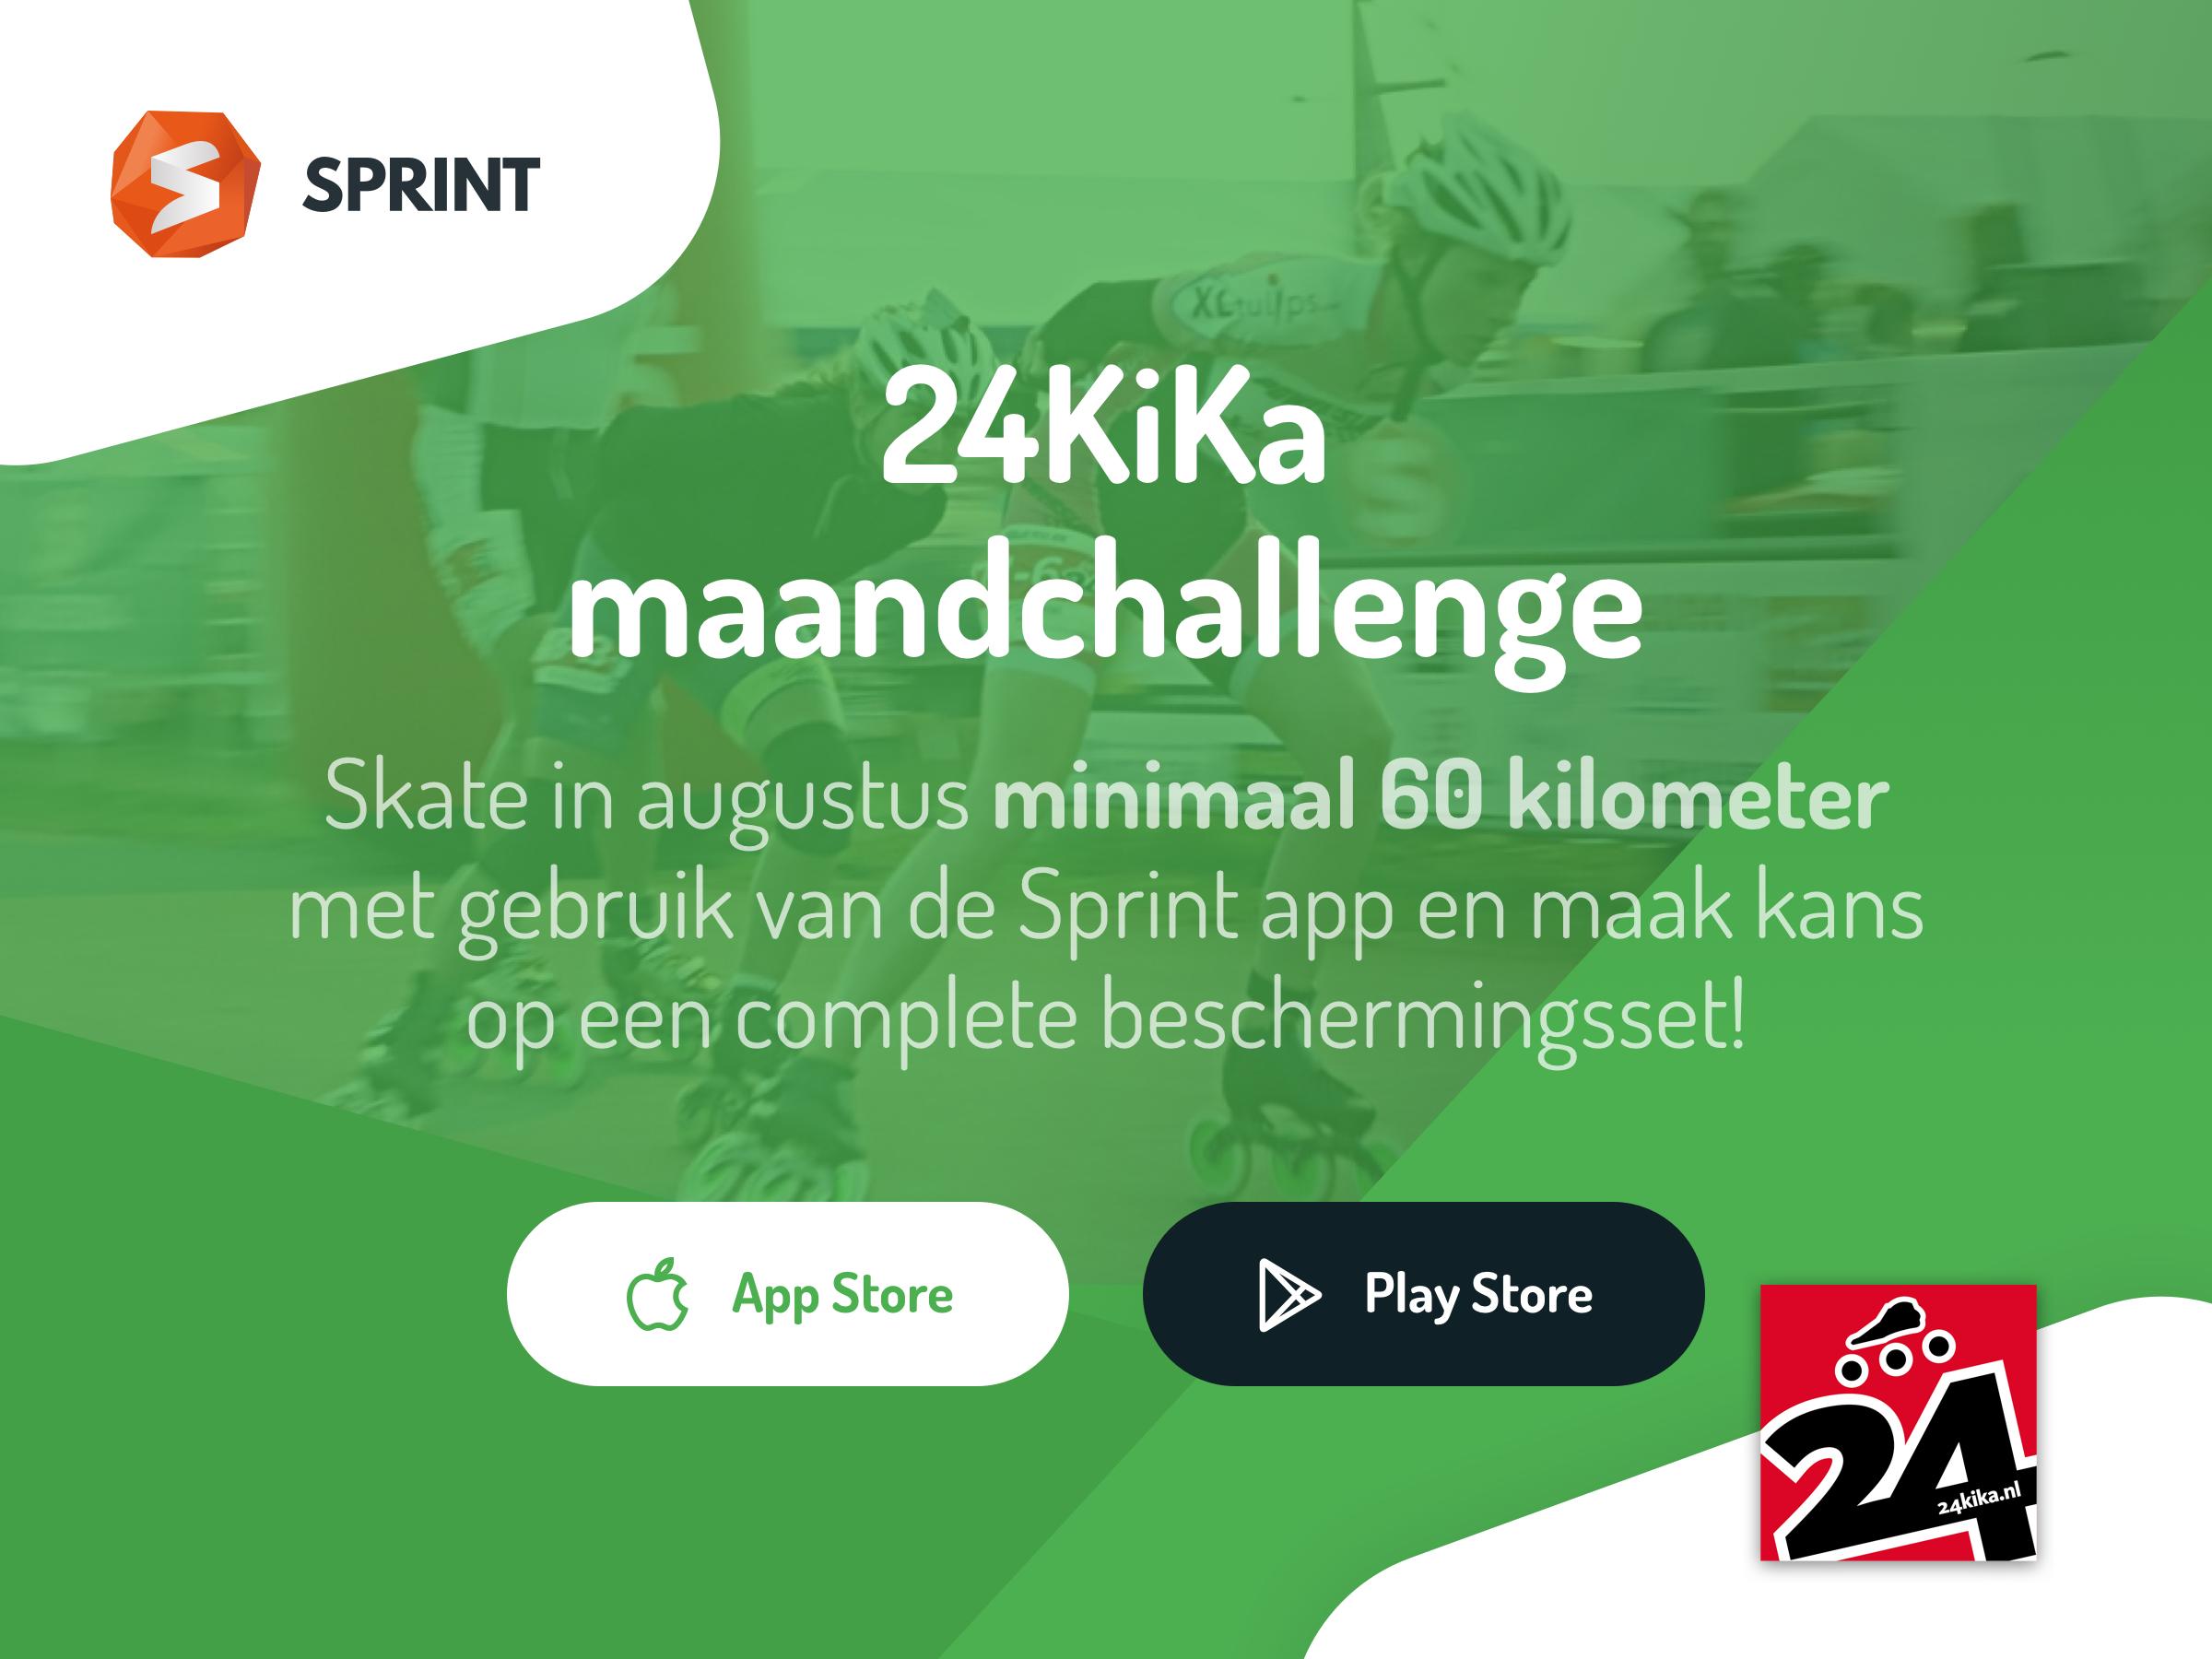 Bereid je voor op 24KiKa met de Sprint app en win gave prijzen!